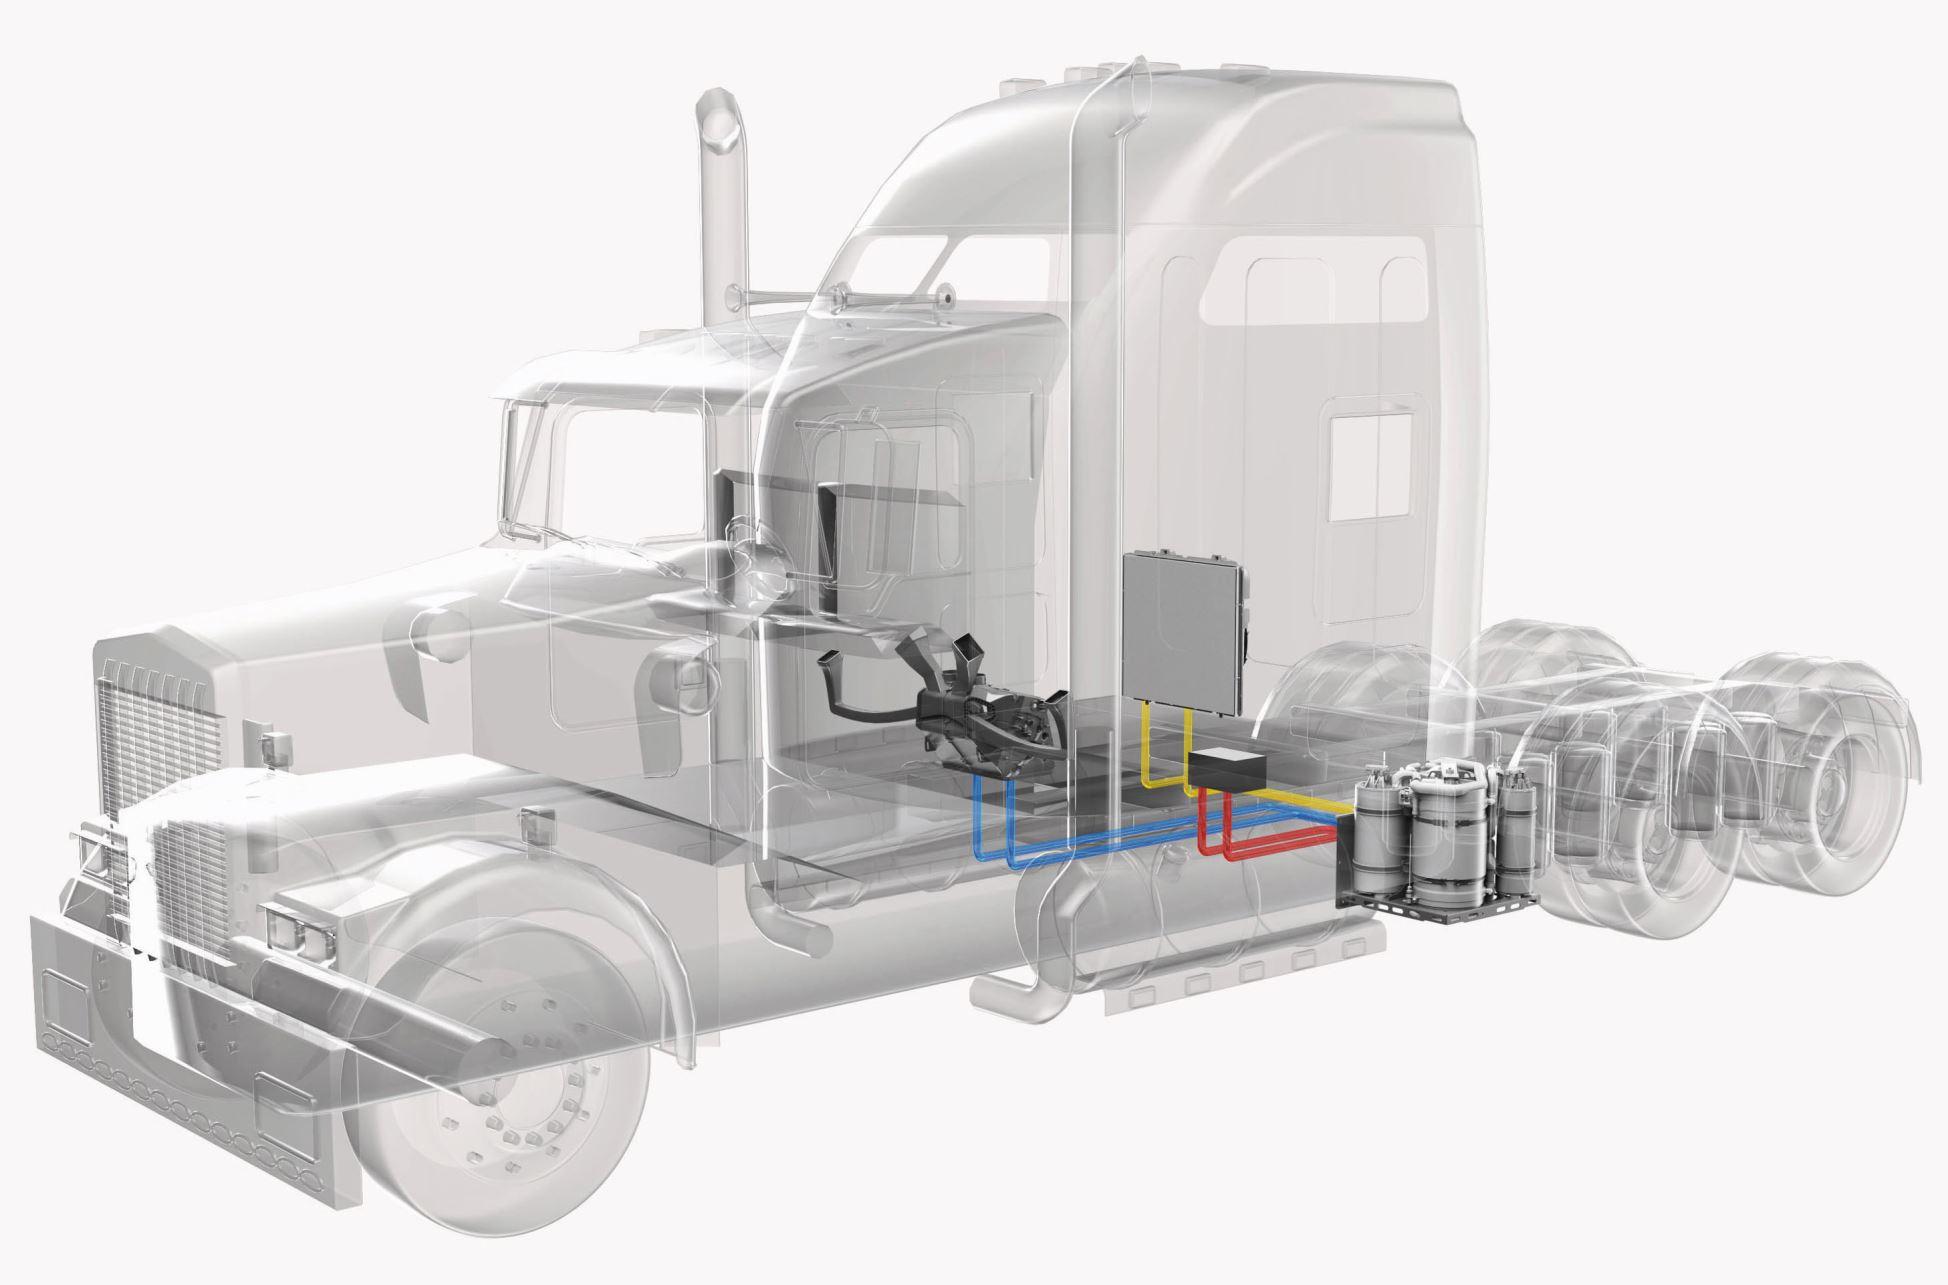 QCWI Die Nicht perforierte und zerst/örungsfreie Installation des Autospoilers ist f/ür das mit Kohlefaser modifizierte Heckheck des BMW 4er F36 M4 geeignet das das Auto ab 2014